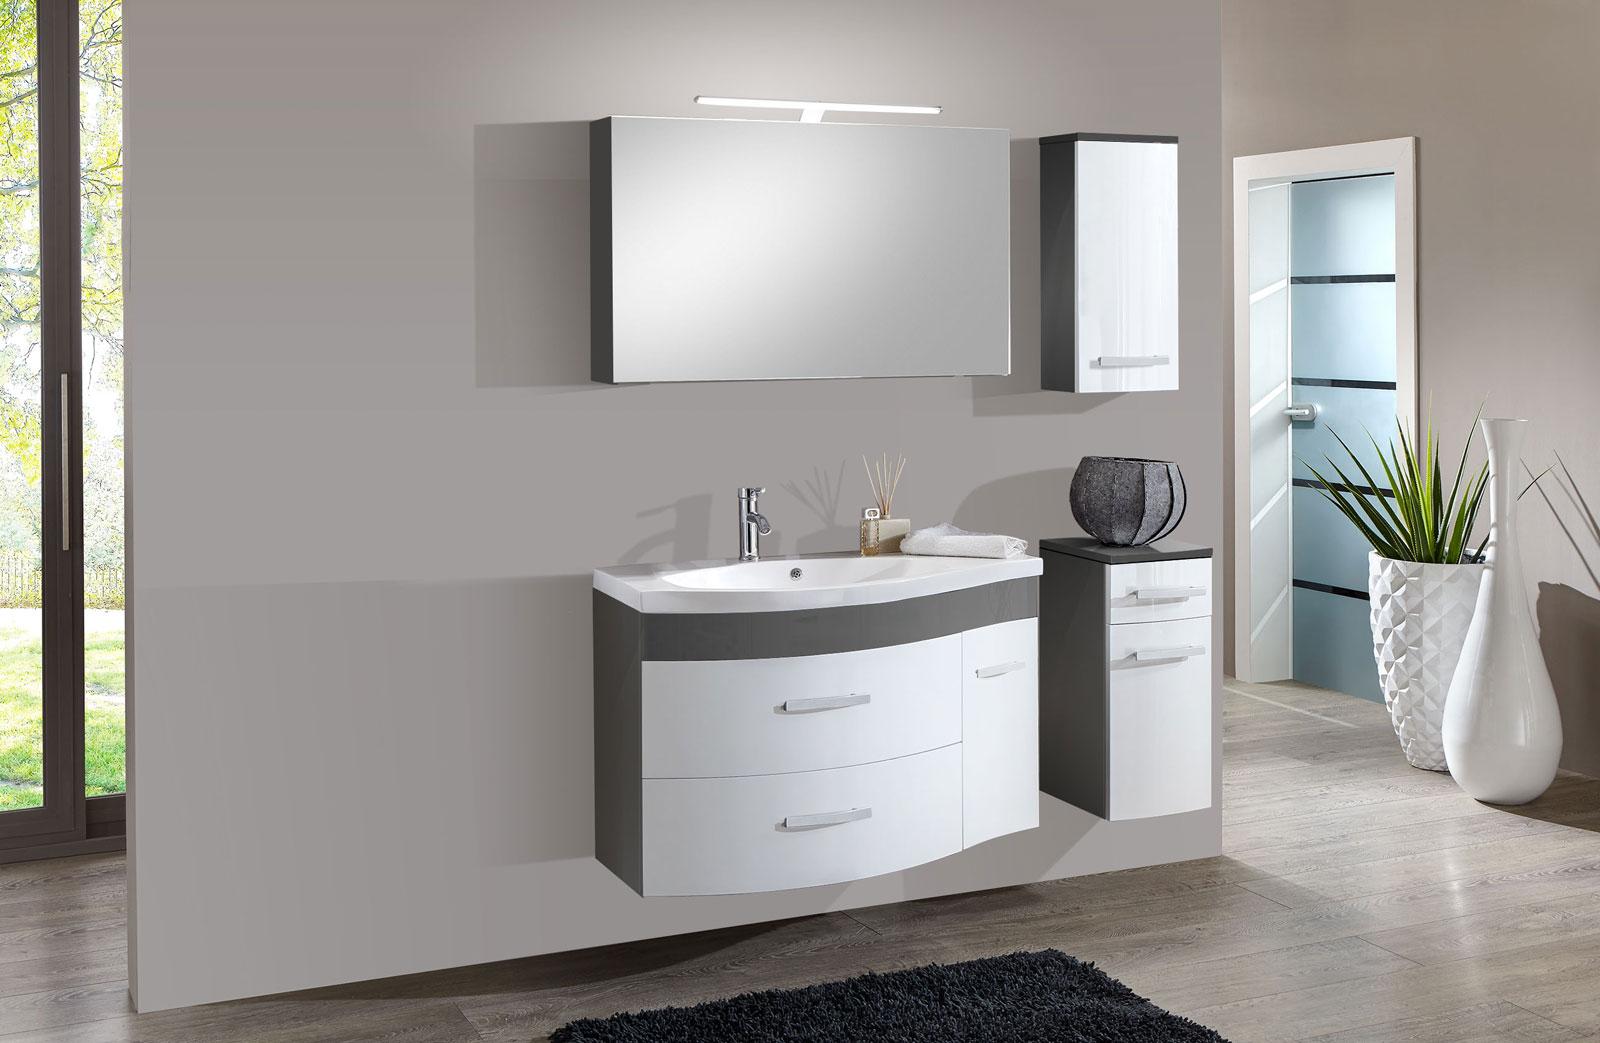 Badezimmer Mülleimer Grau ~ SAM® 4tlg Badezimmer Set Hochglanz weiß grau 110cm Lugano Deluxe Auf